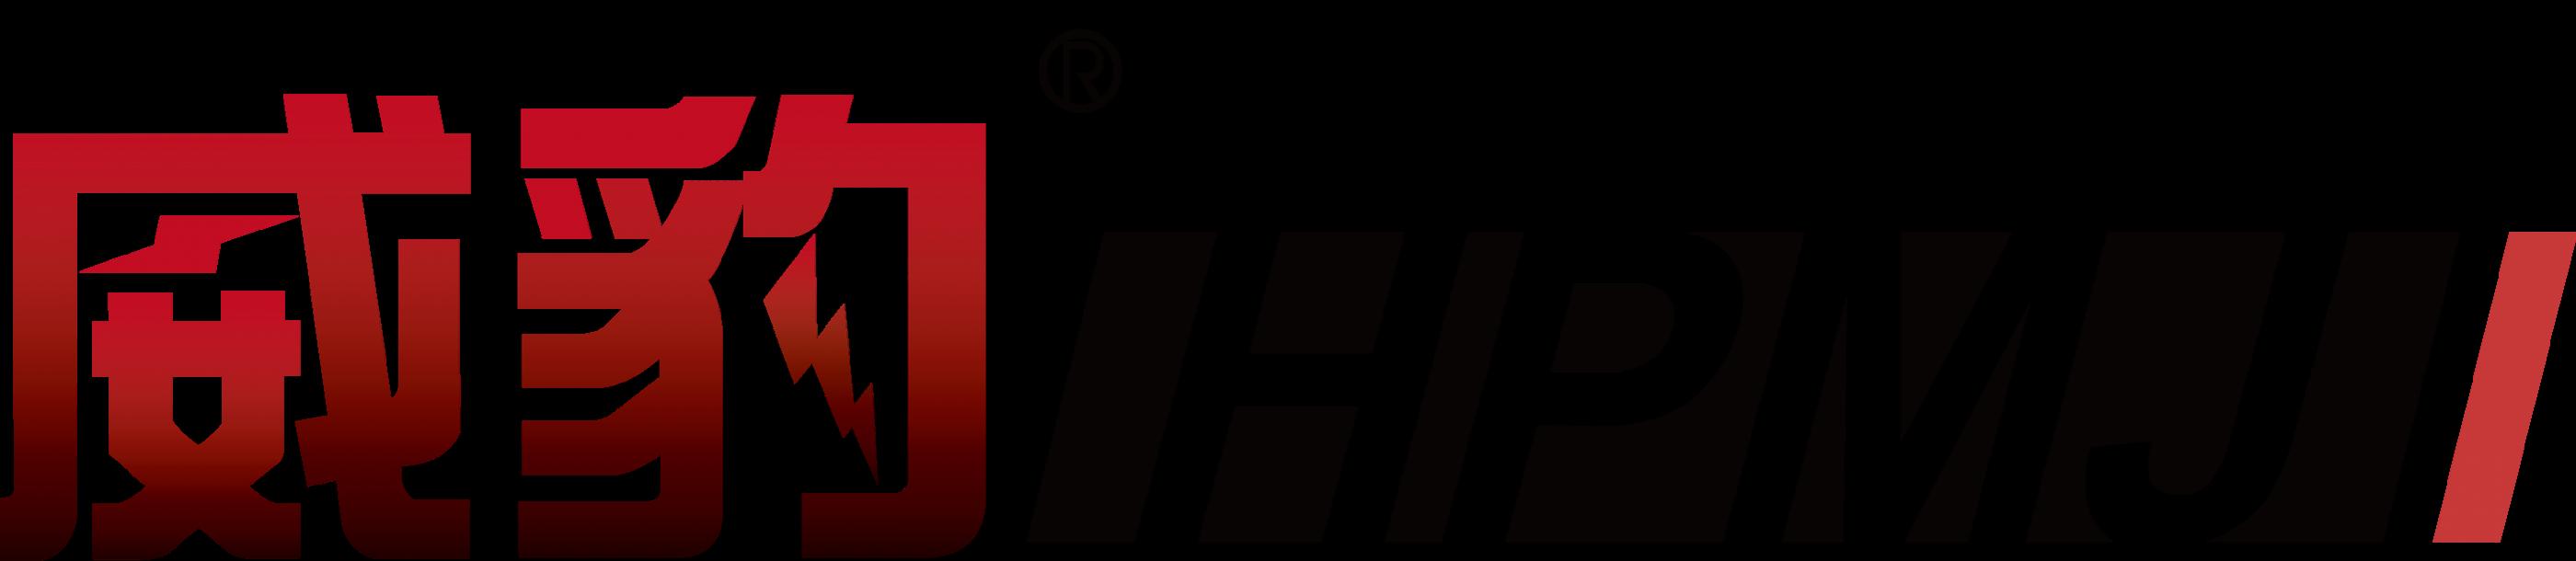 HPMJ1